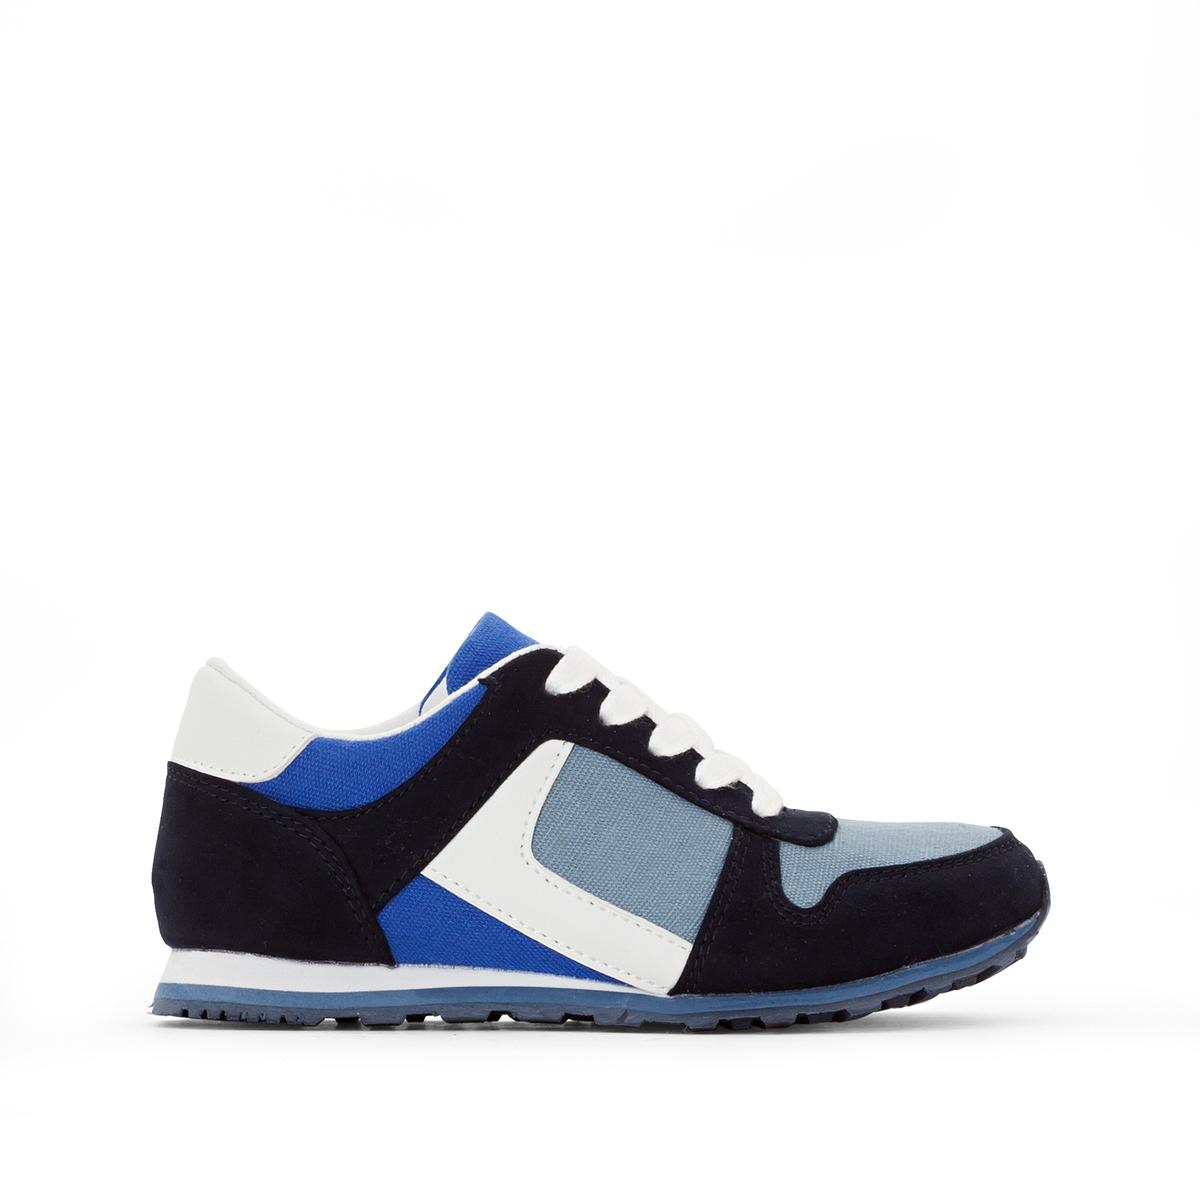 Кеды синтетическиеДетали  •  Спортивный стиль •  Плоский каблук •  Застежка : шнуровкаСостав и уход  •  Верх 50% хлопка, 50% синтетики •  Подкладка 100% хлопок<br><br>Цвет: темно-синий + индиго + синий<br>Размер: 26.27.31.32